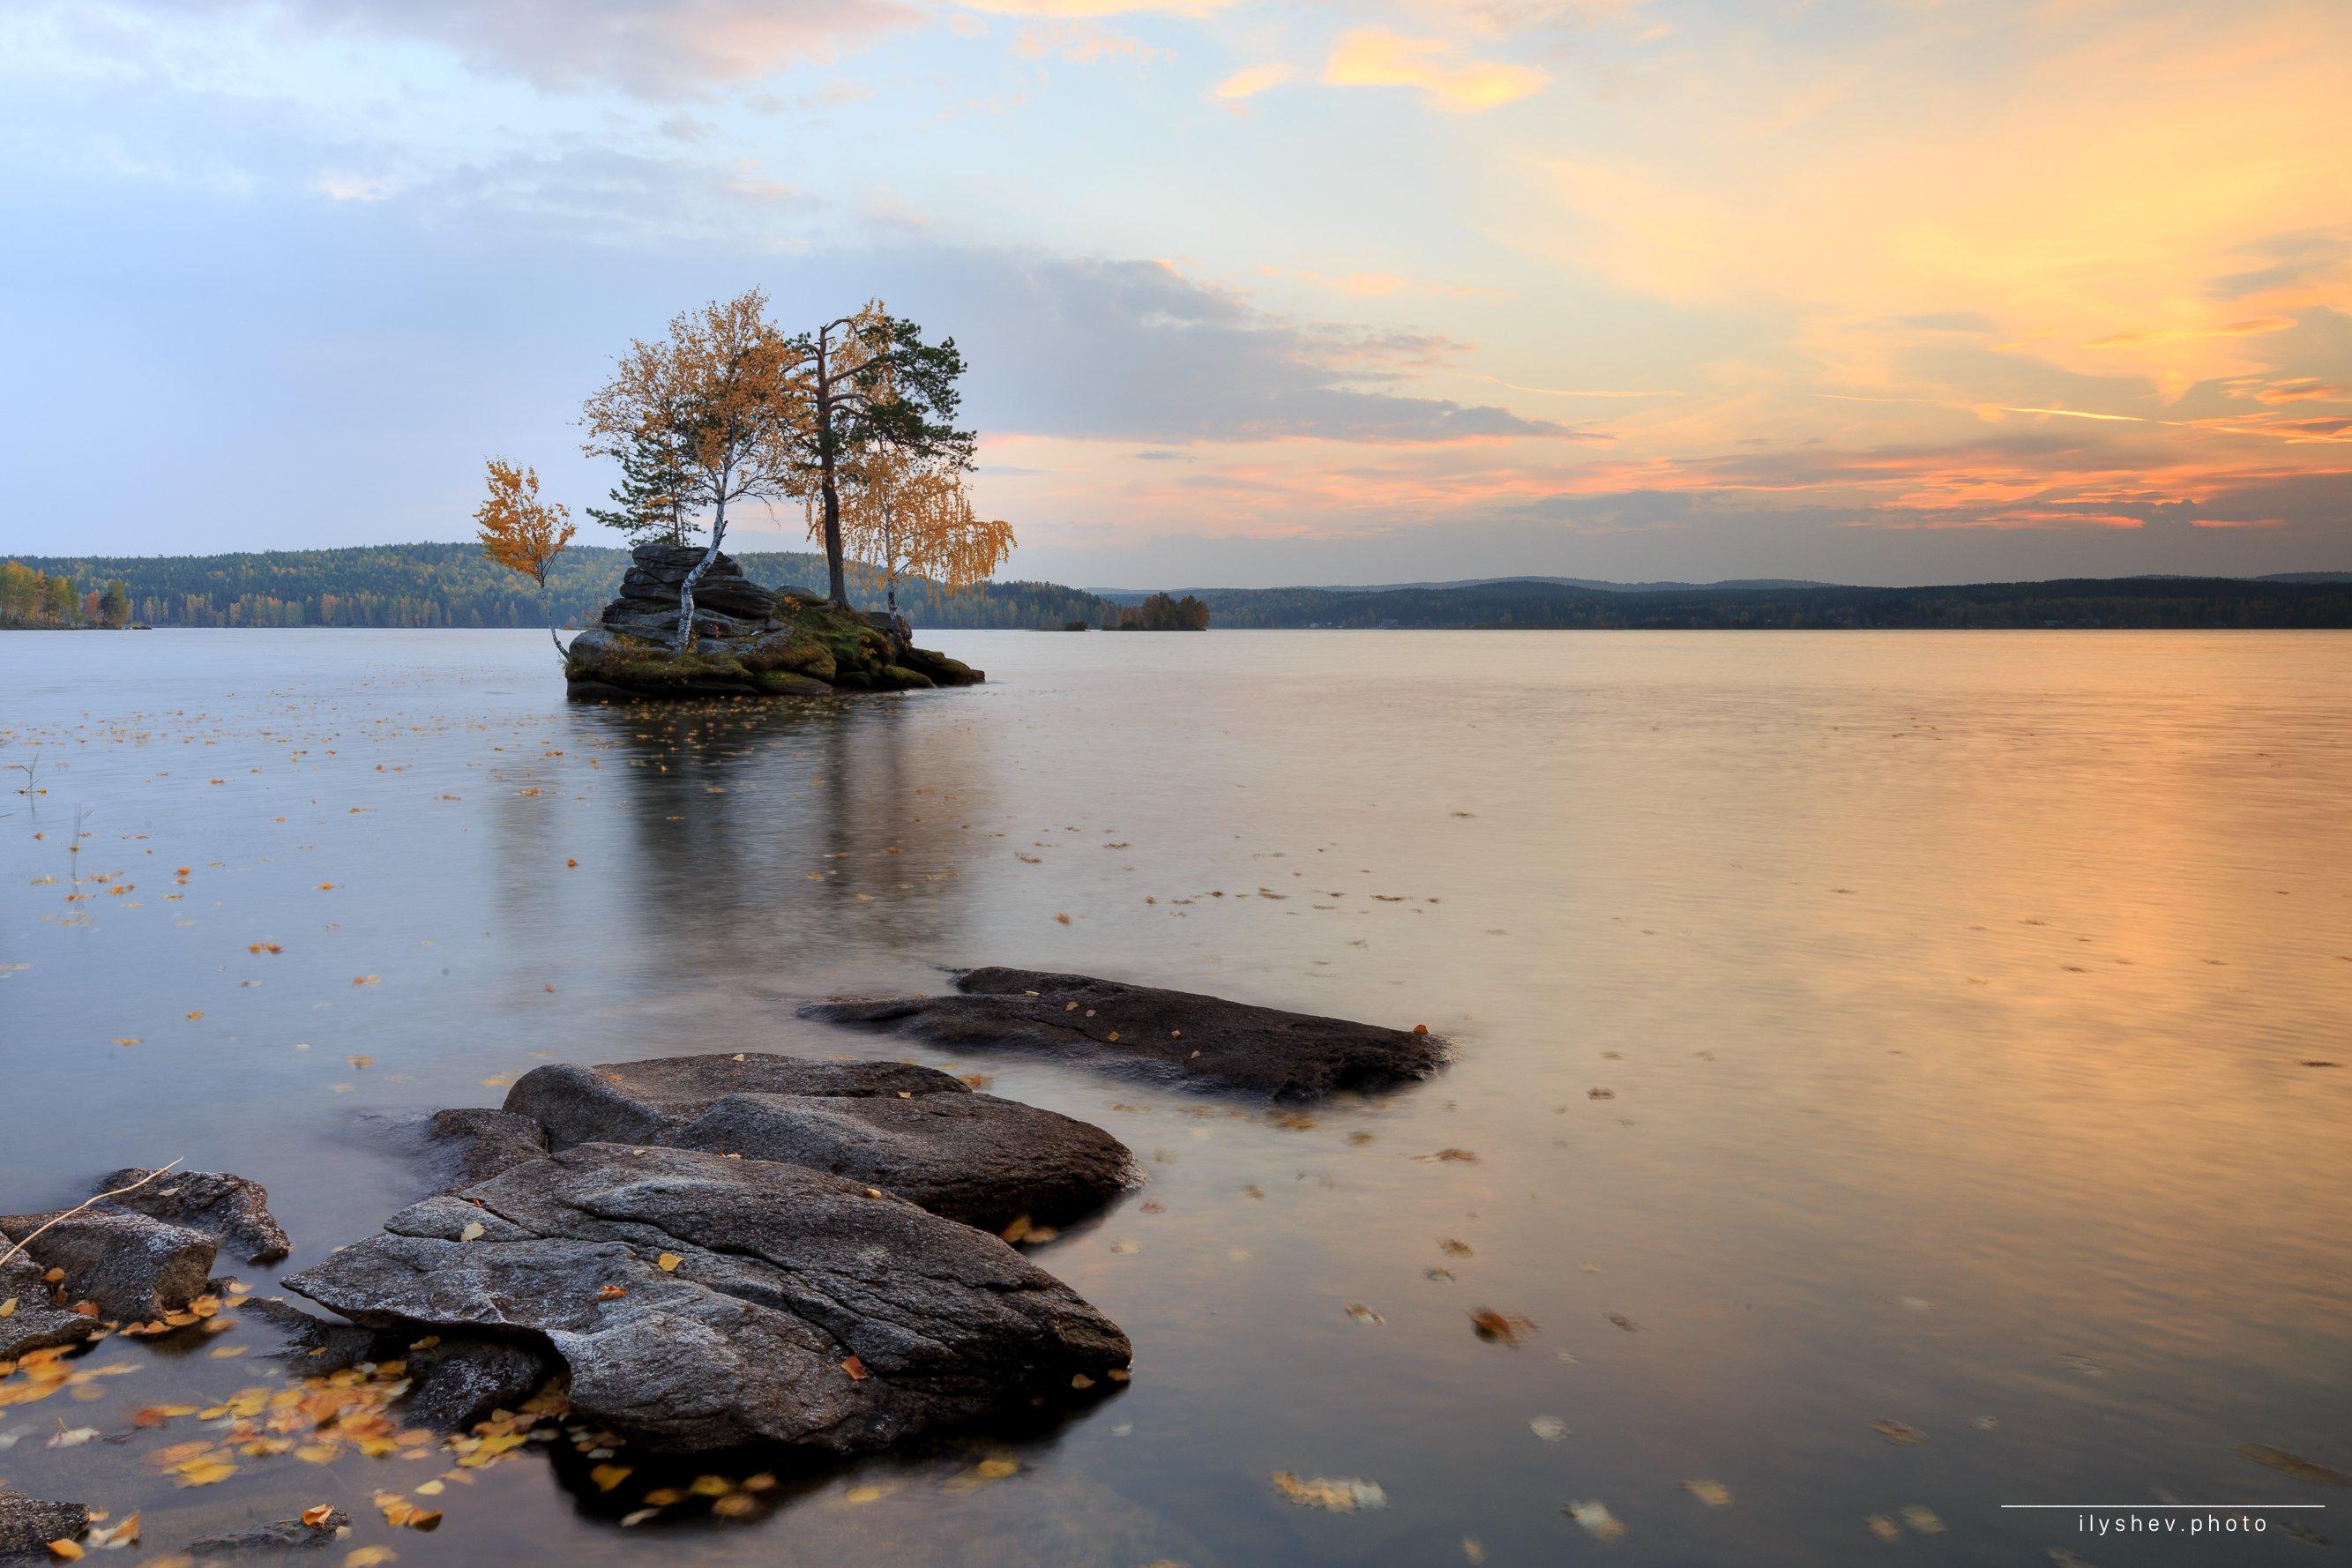 озеро, закат, осень, таватуй, урал, россия, пейзаж, природа, бонсай,, Дмитрий Илышев